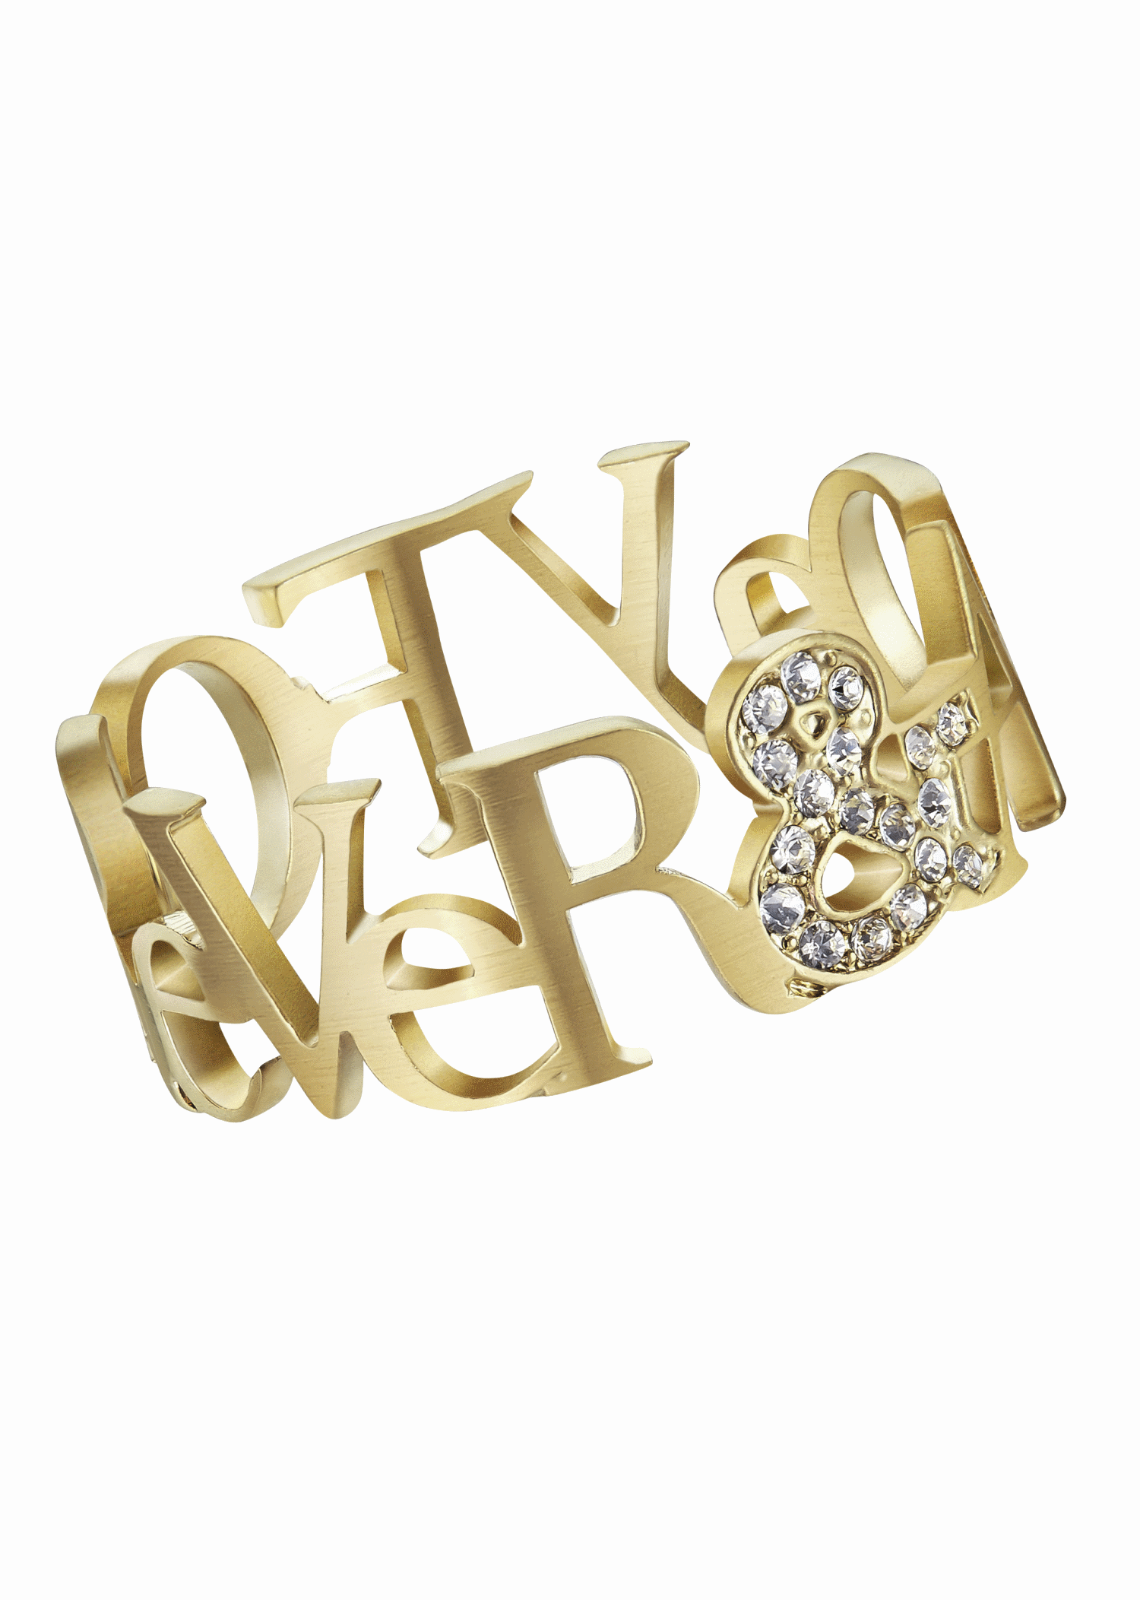 L 'Amotion message Anello Forever & & & a Day per anello di base misura 55 62c164